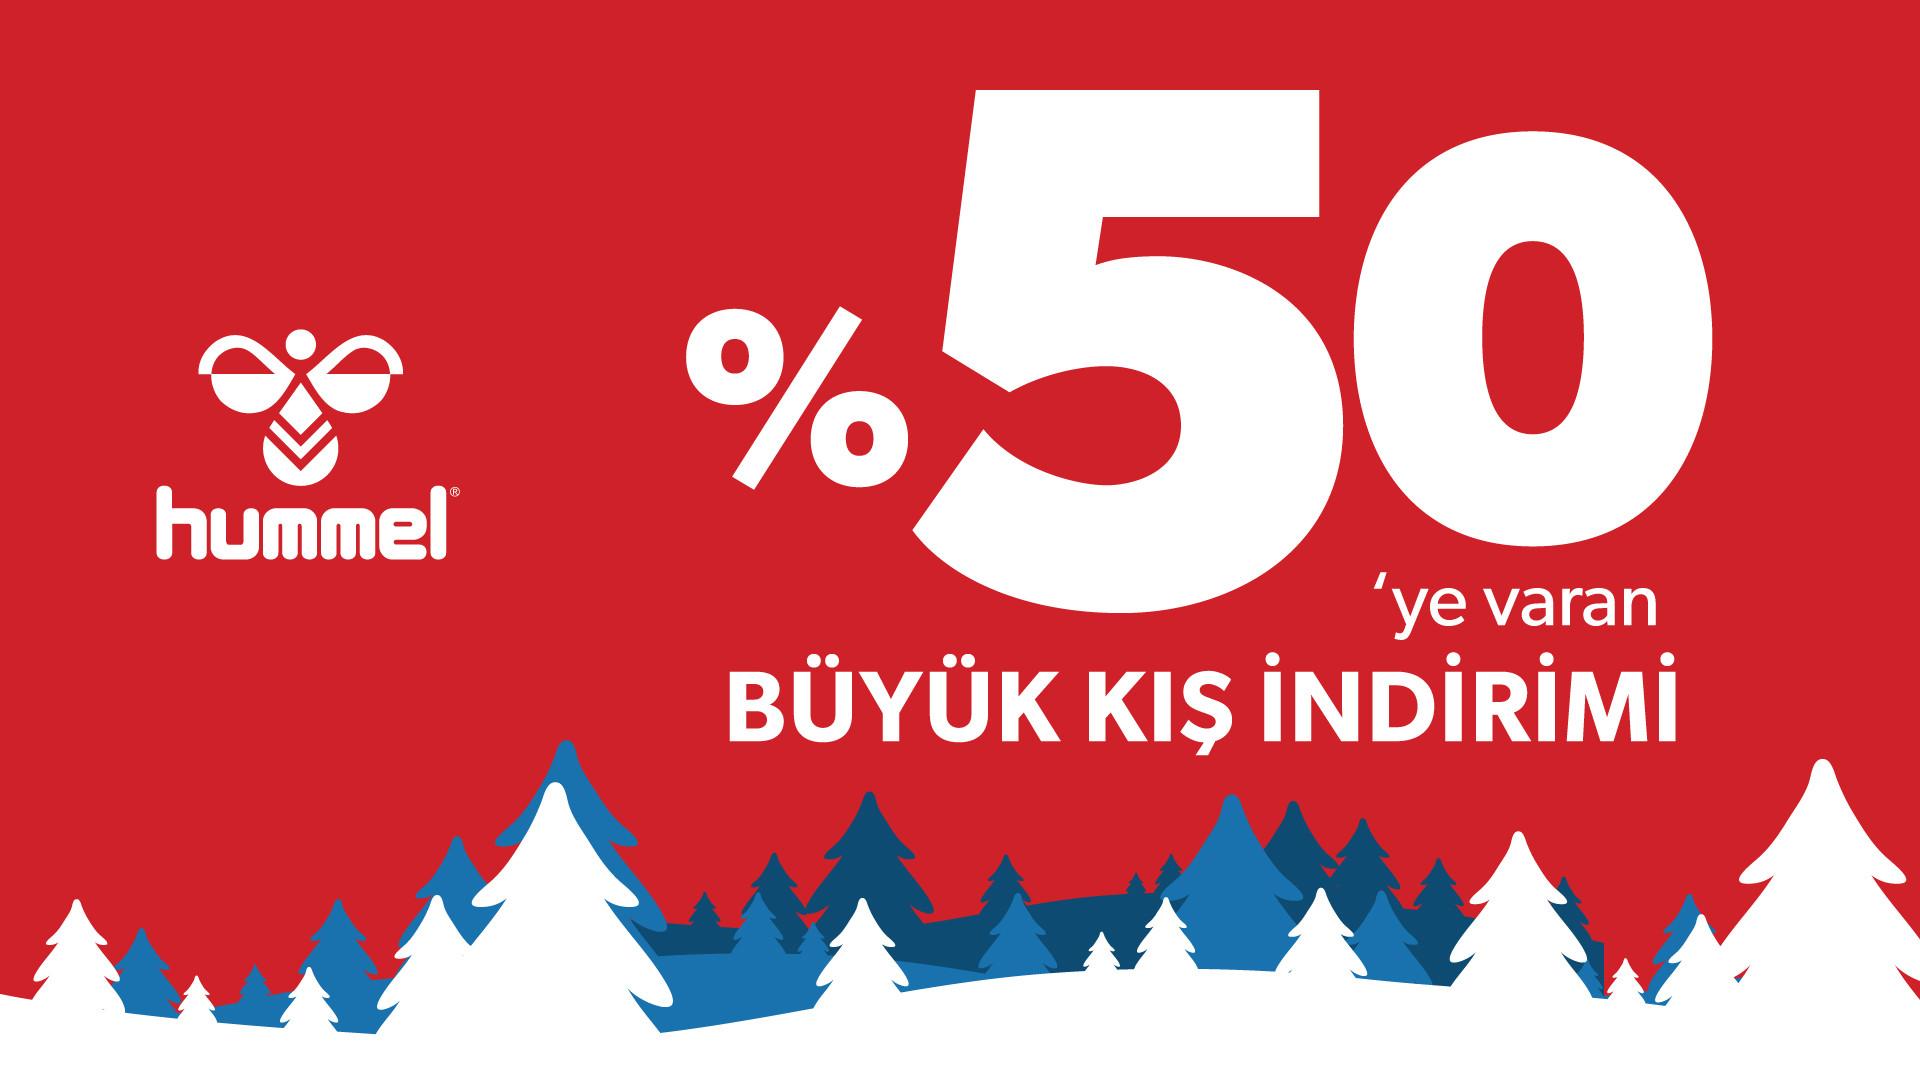 %50'ye Varan Büyük Kış İndirimi